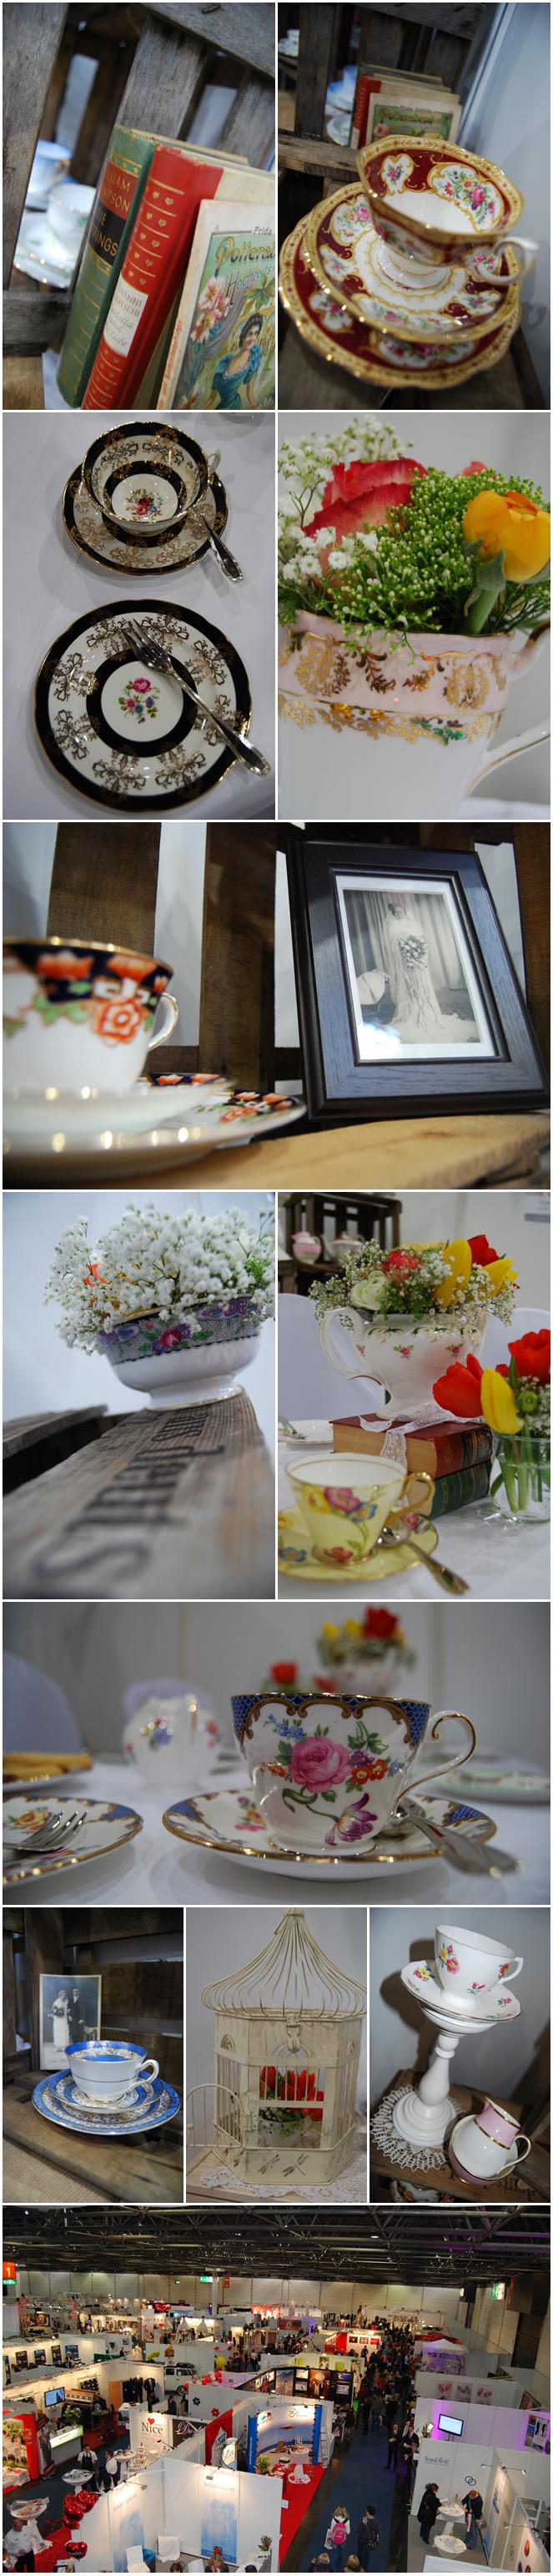 Lieschen und Ruth Hochzeitsmesse 2012 - 2